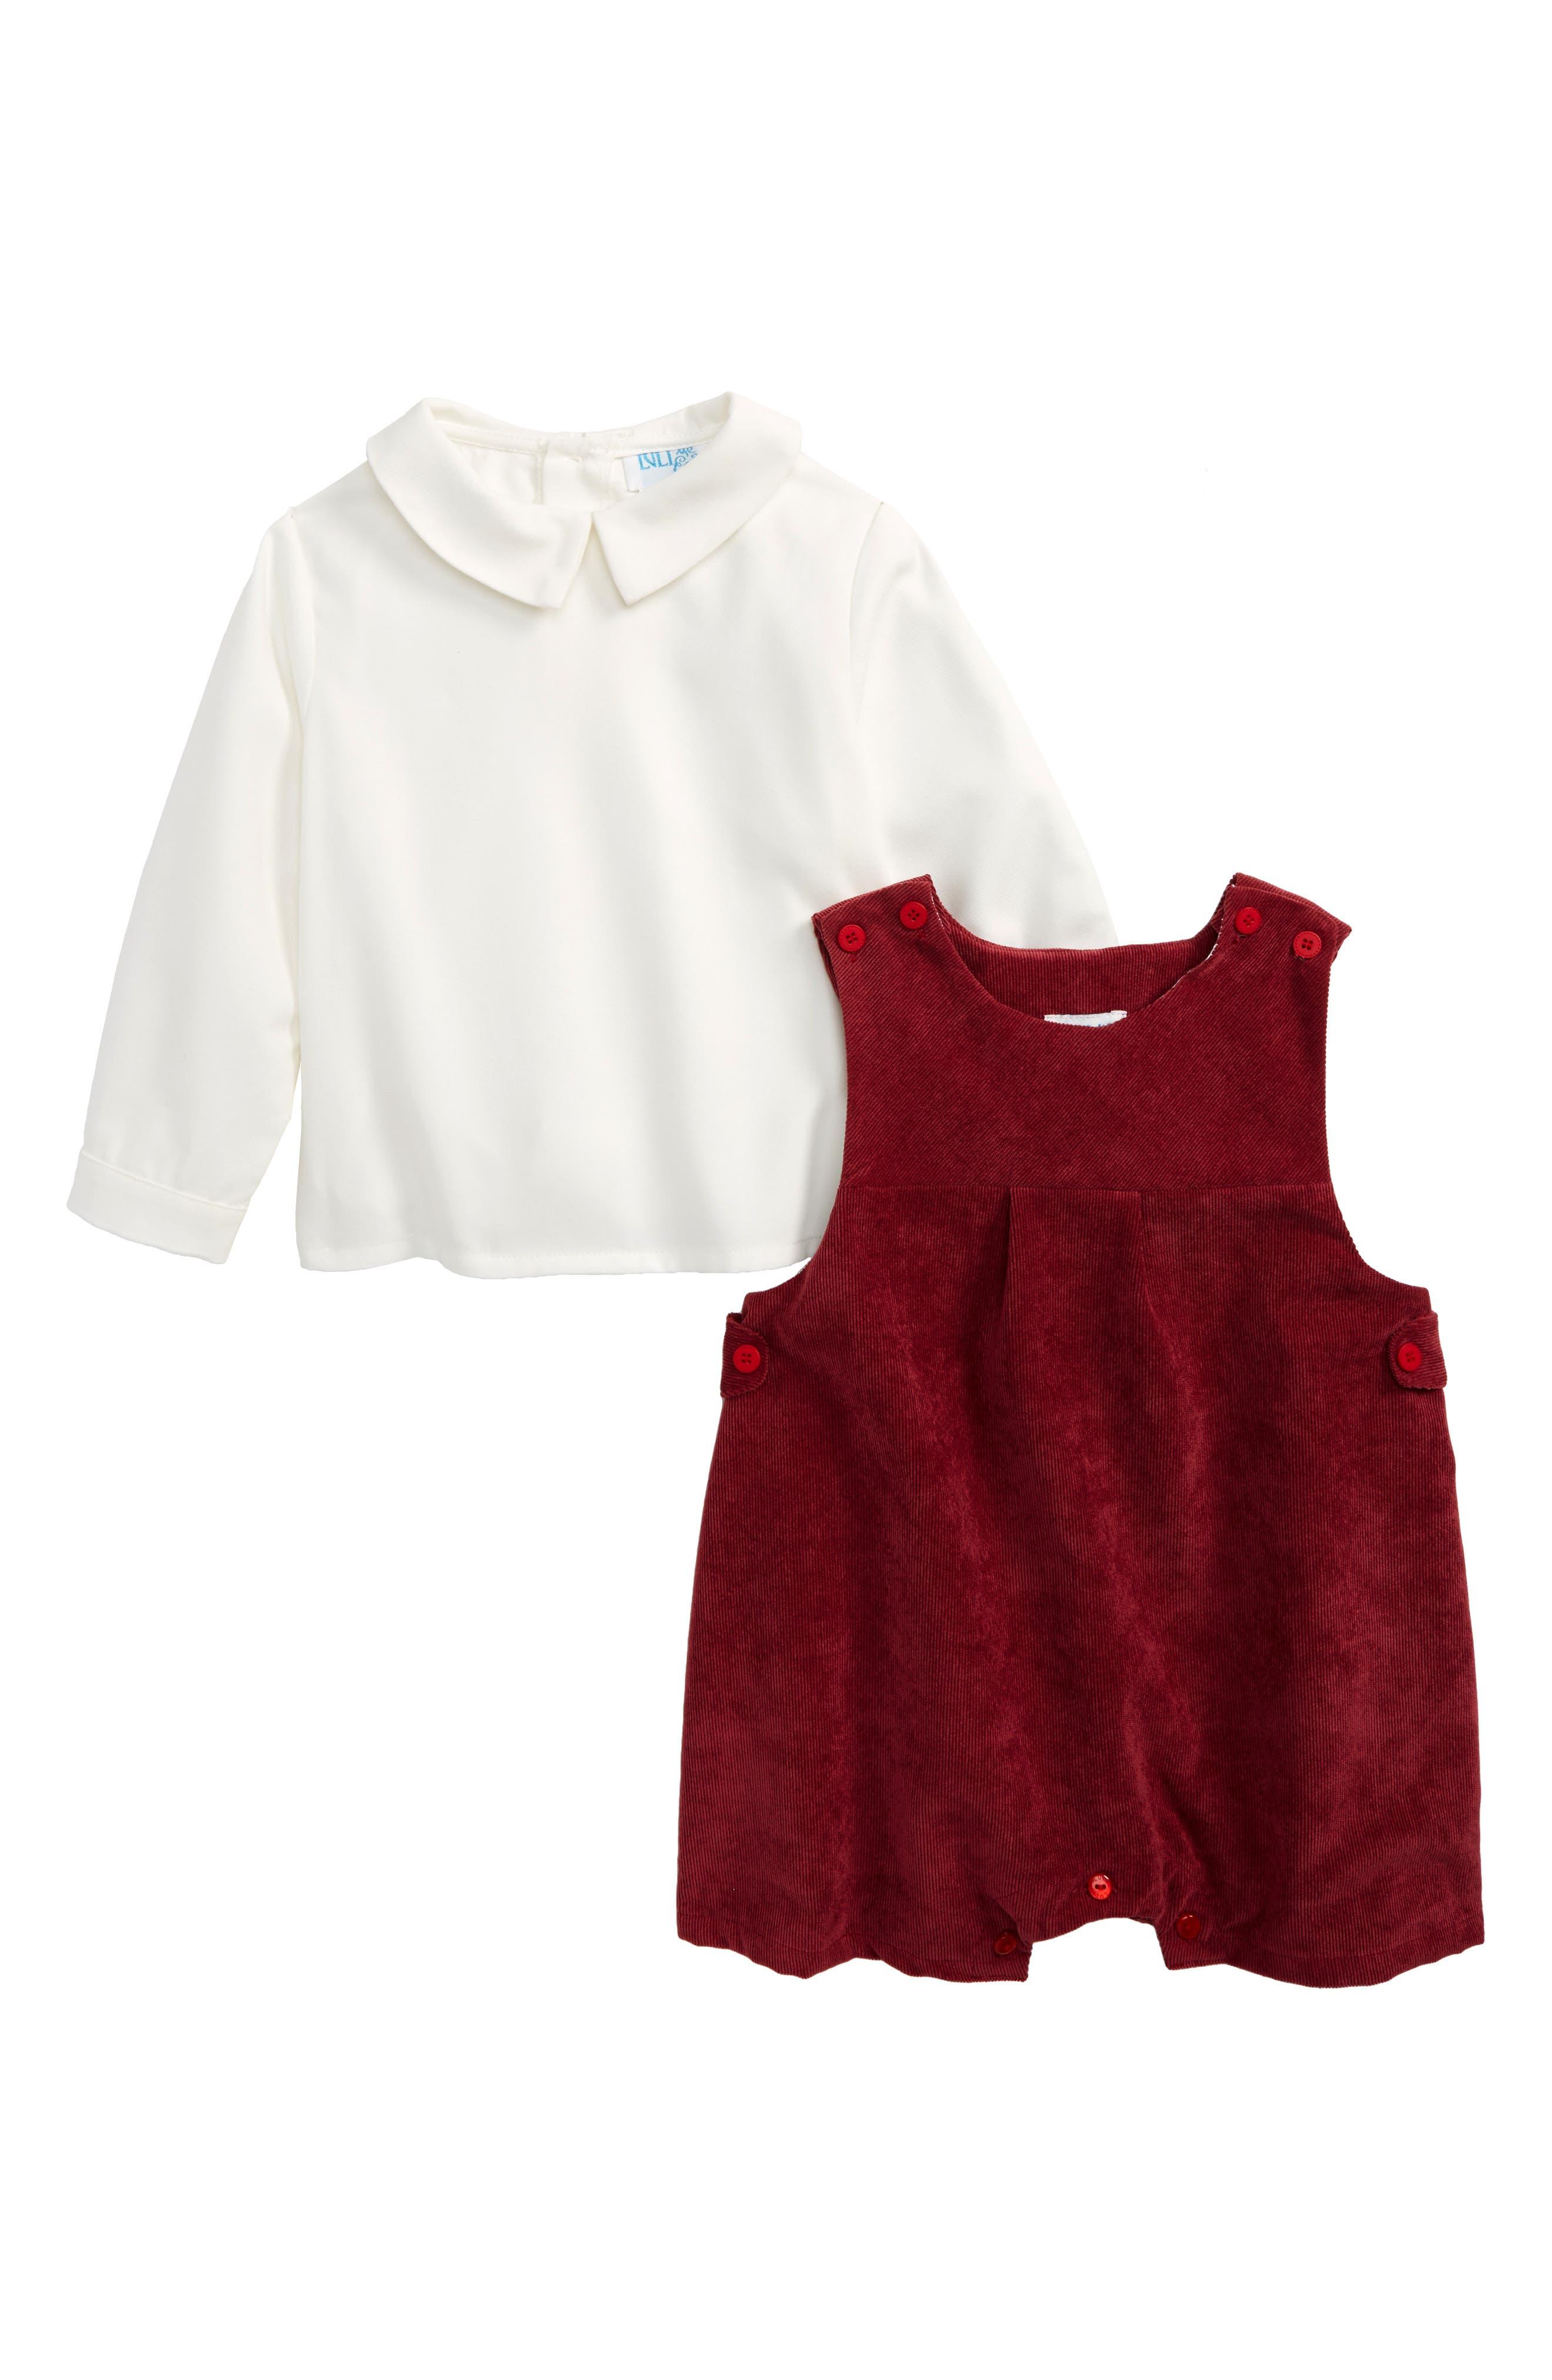 Luli & Me Shirt & Corduroy Overalls Set (Baby Boys)